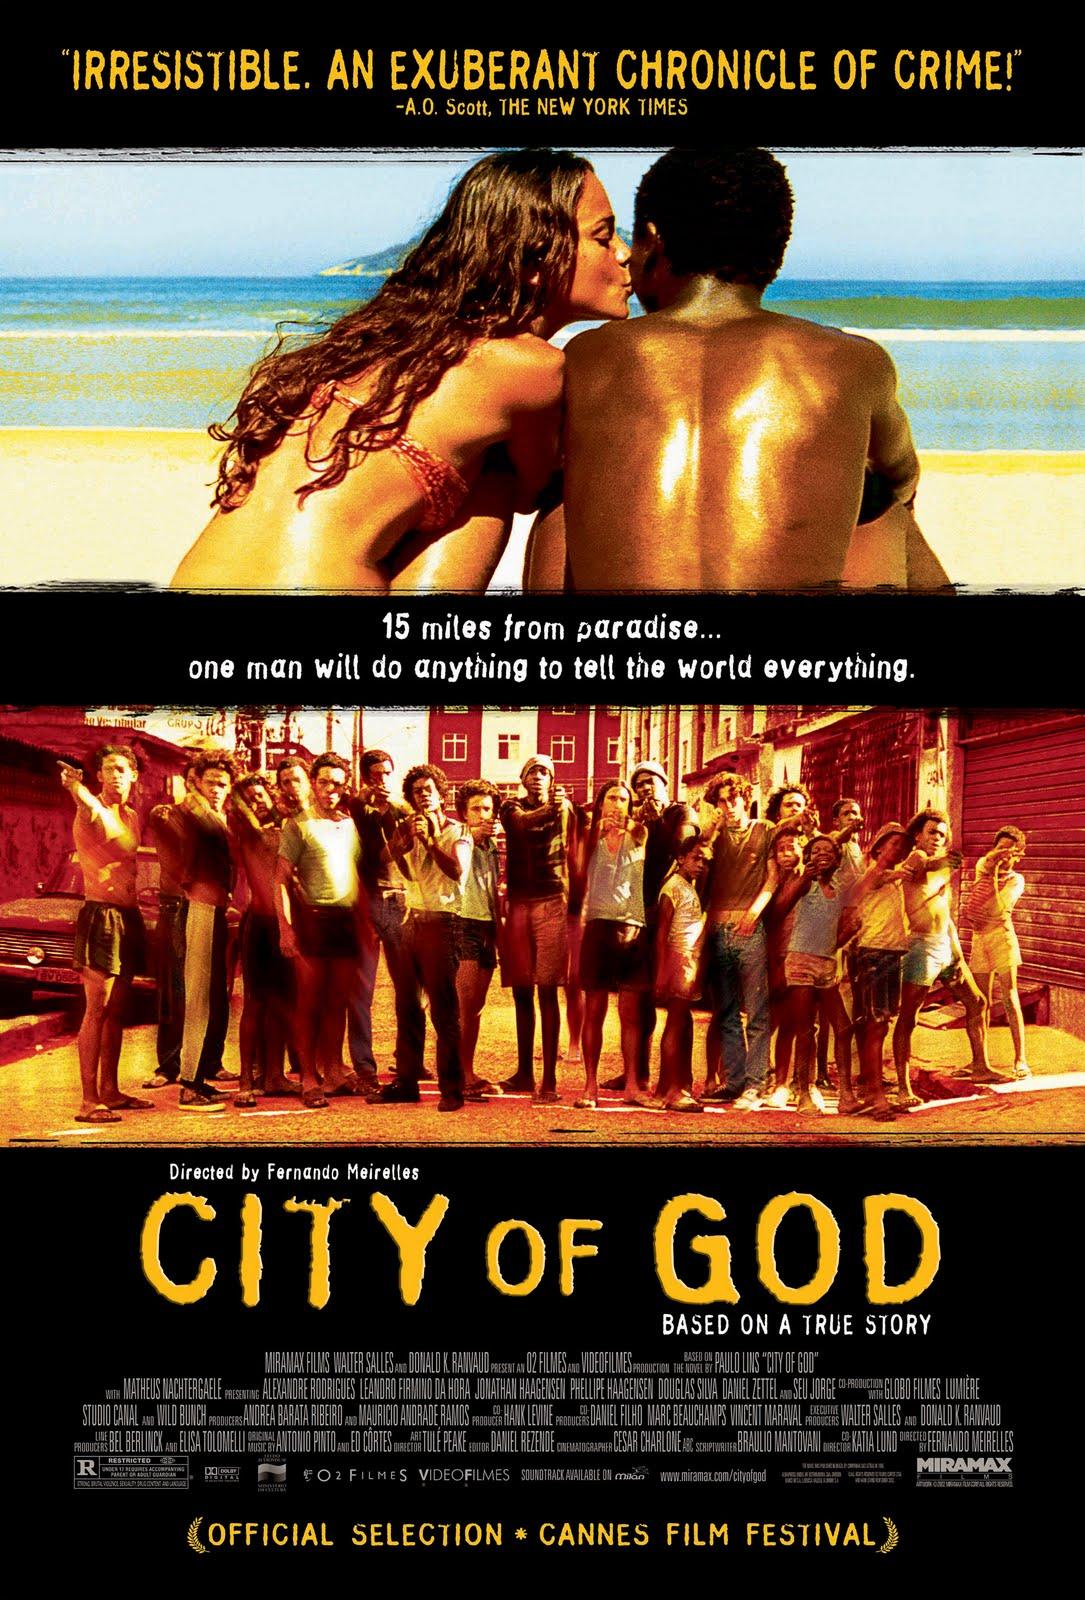 フェルナンド・メイレレス監督のシティ・オブ・ゴッドという映画